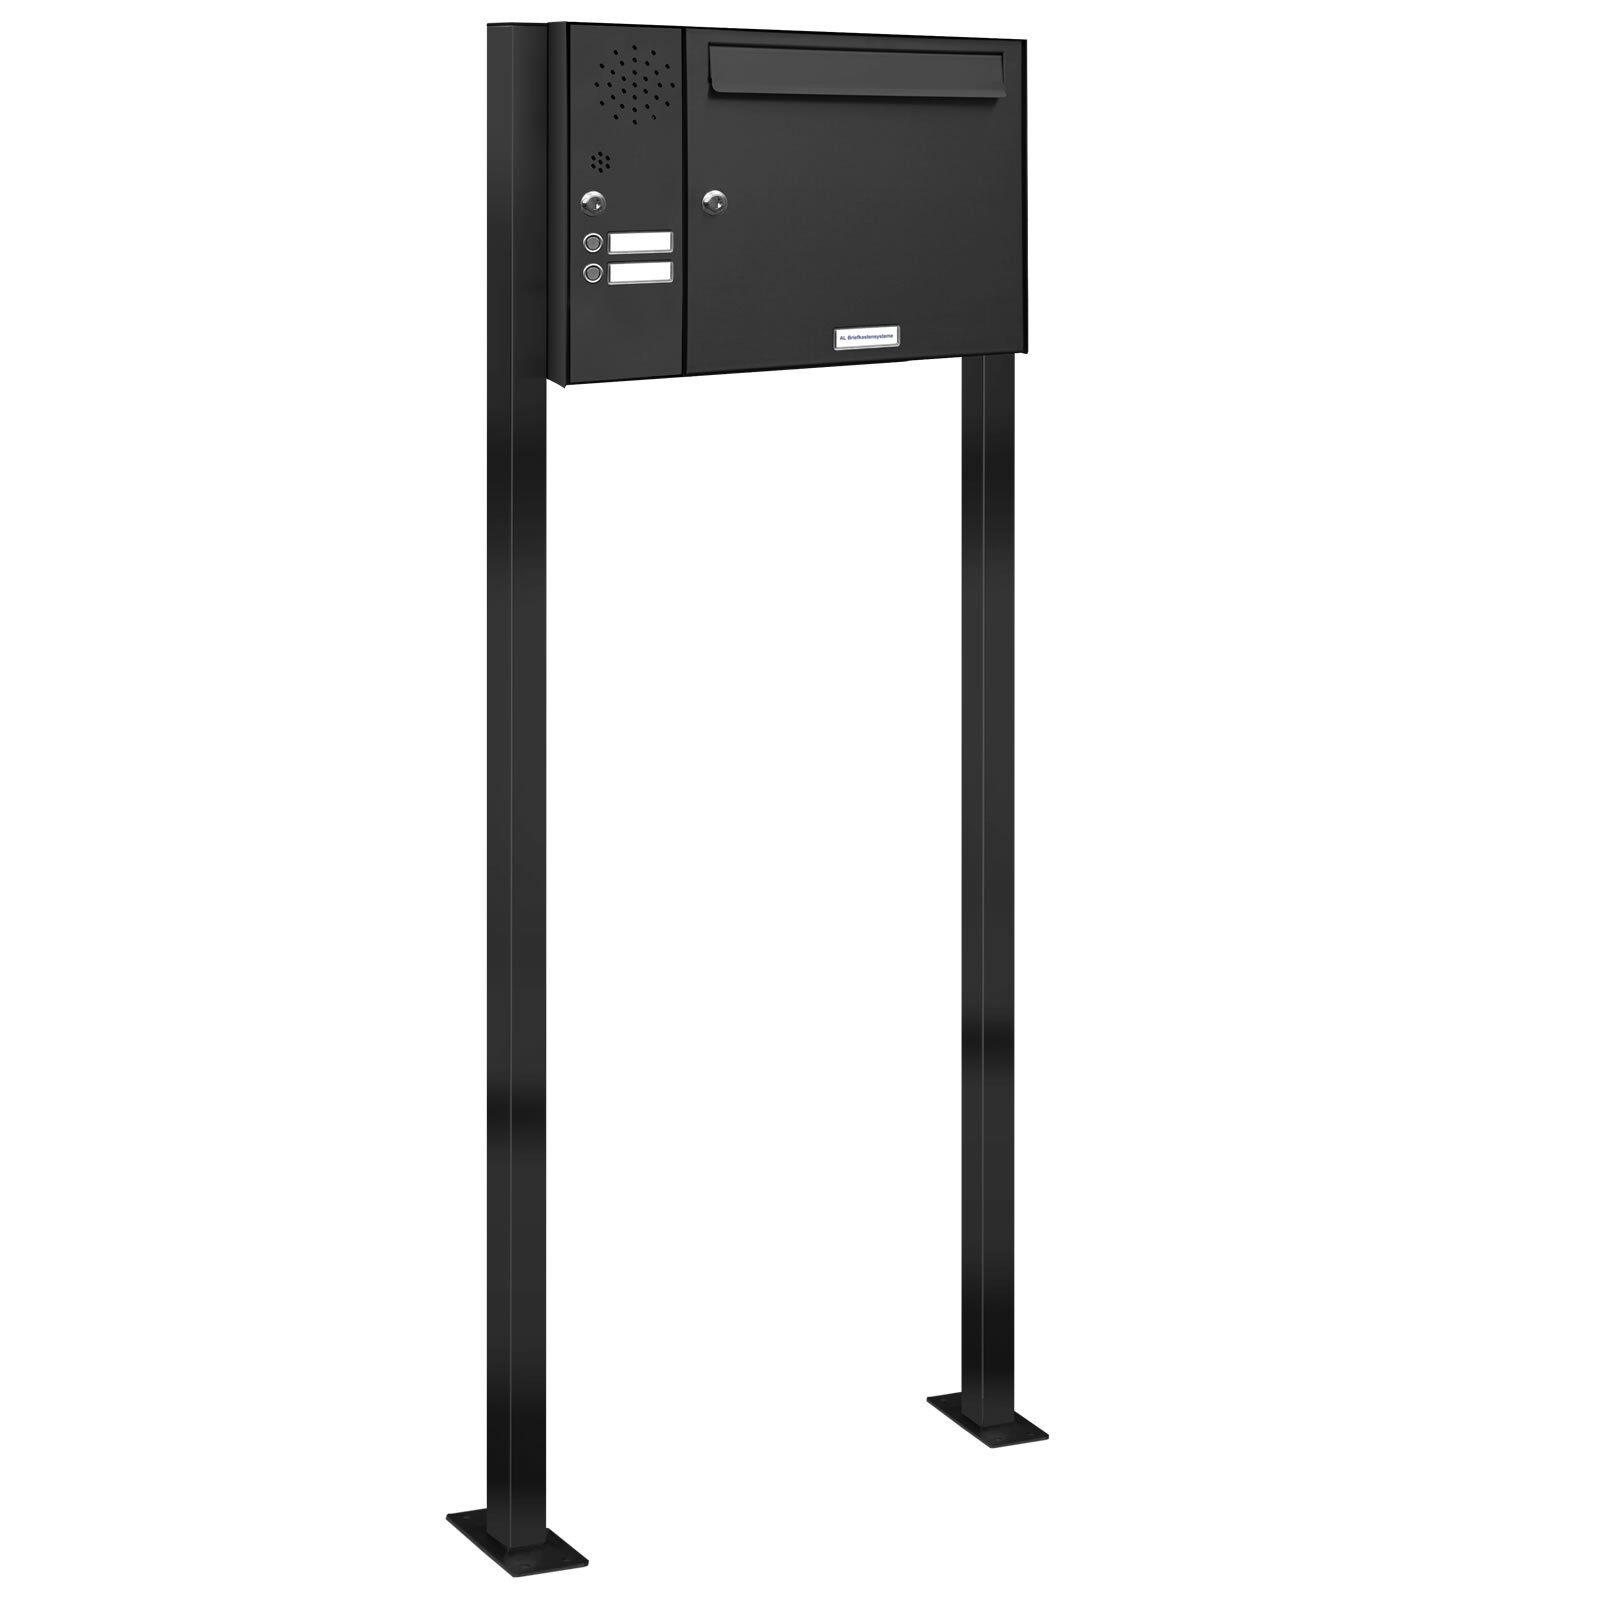 1er Premium Stand Briefkasten Anthrazit mit 2 Klingel 1 Fach Postkasten RAL 7016